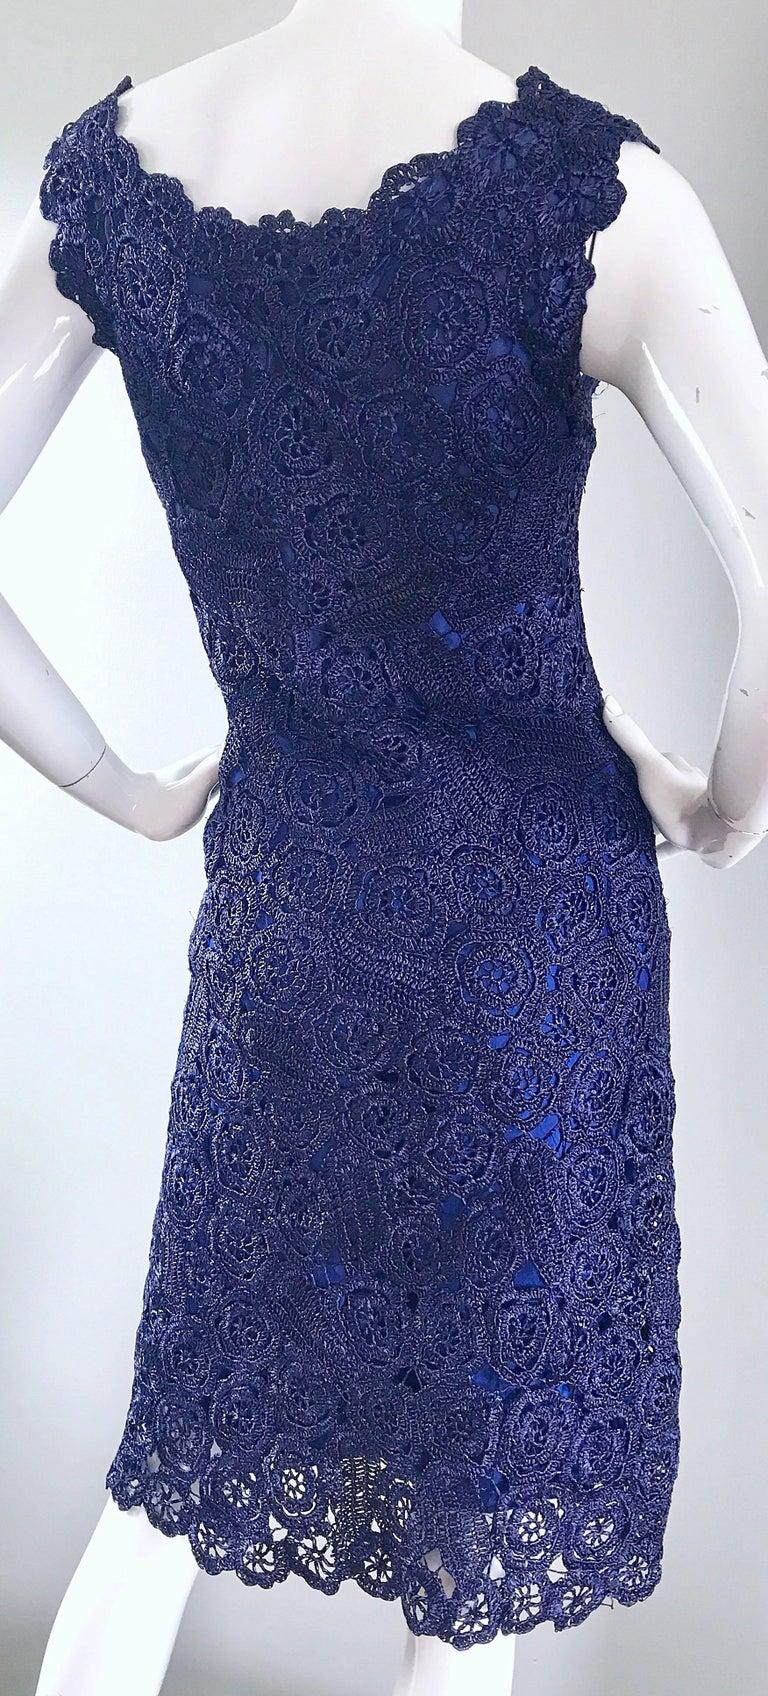 Gorgeous 1950s Demi Couture Navy Blue Raffia Cut - Out Vintage 50s Dress For Sale 1